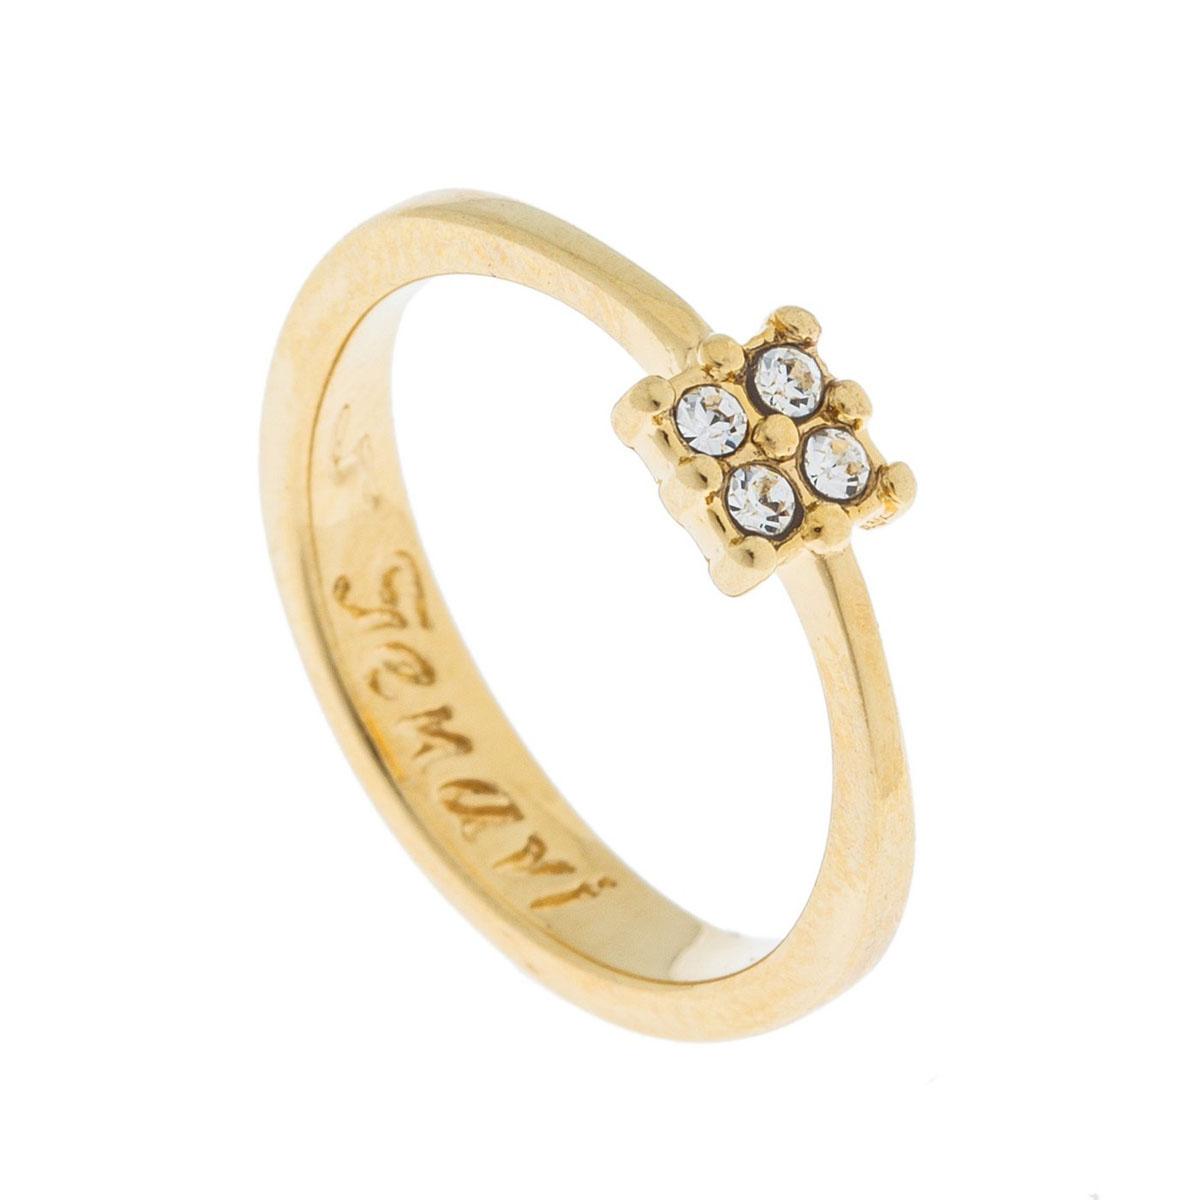 Кольцо Jenavi Экс, цвет: золотой, белый. k491p000. Размер 17k491p000Коллекция Э, Экс (Кольцо) гипоаллергенный ювелирный сплав,Позолота, вставка Кристаллы Swarovski